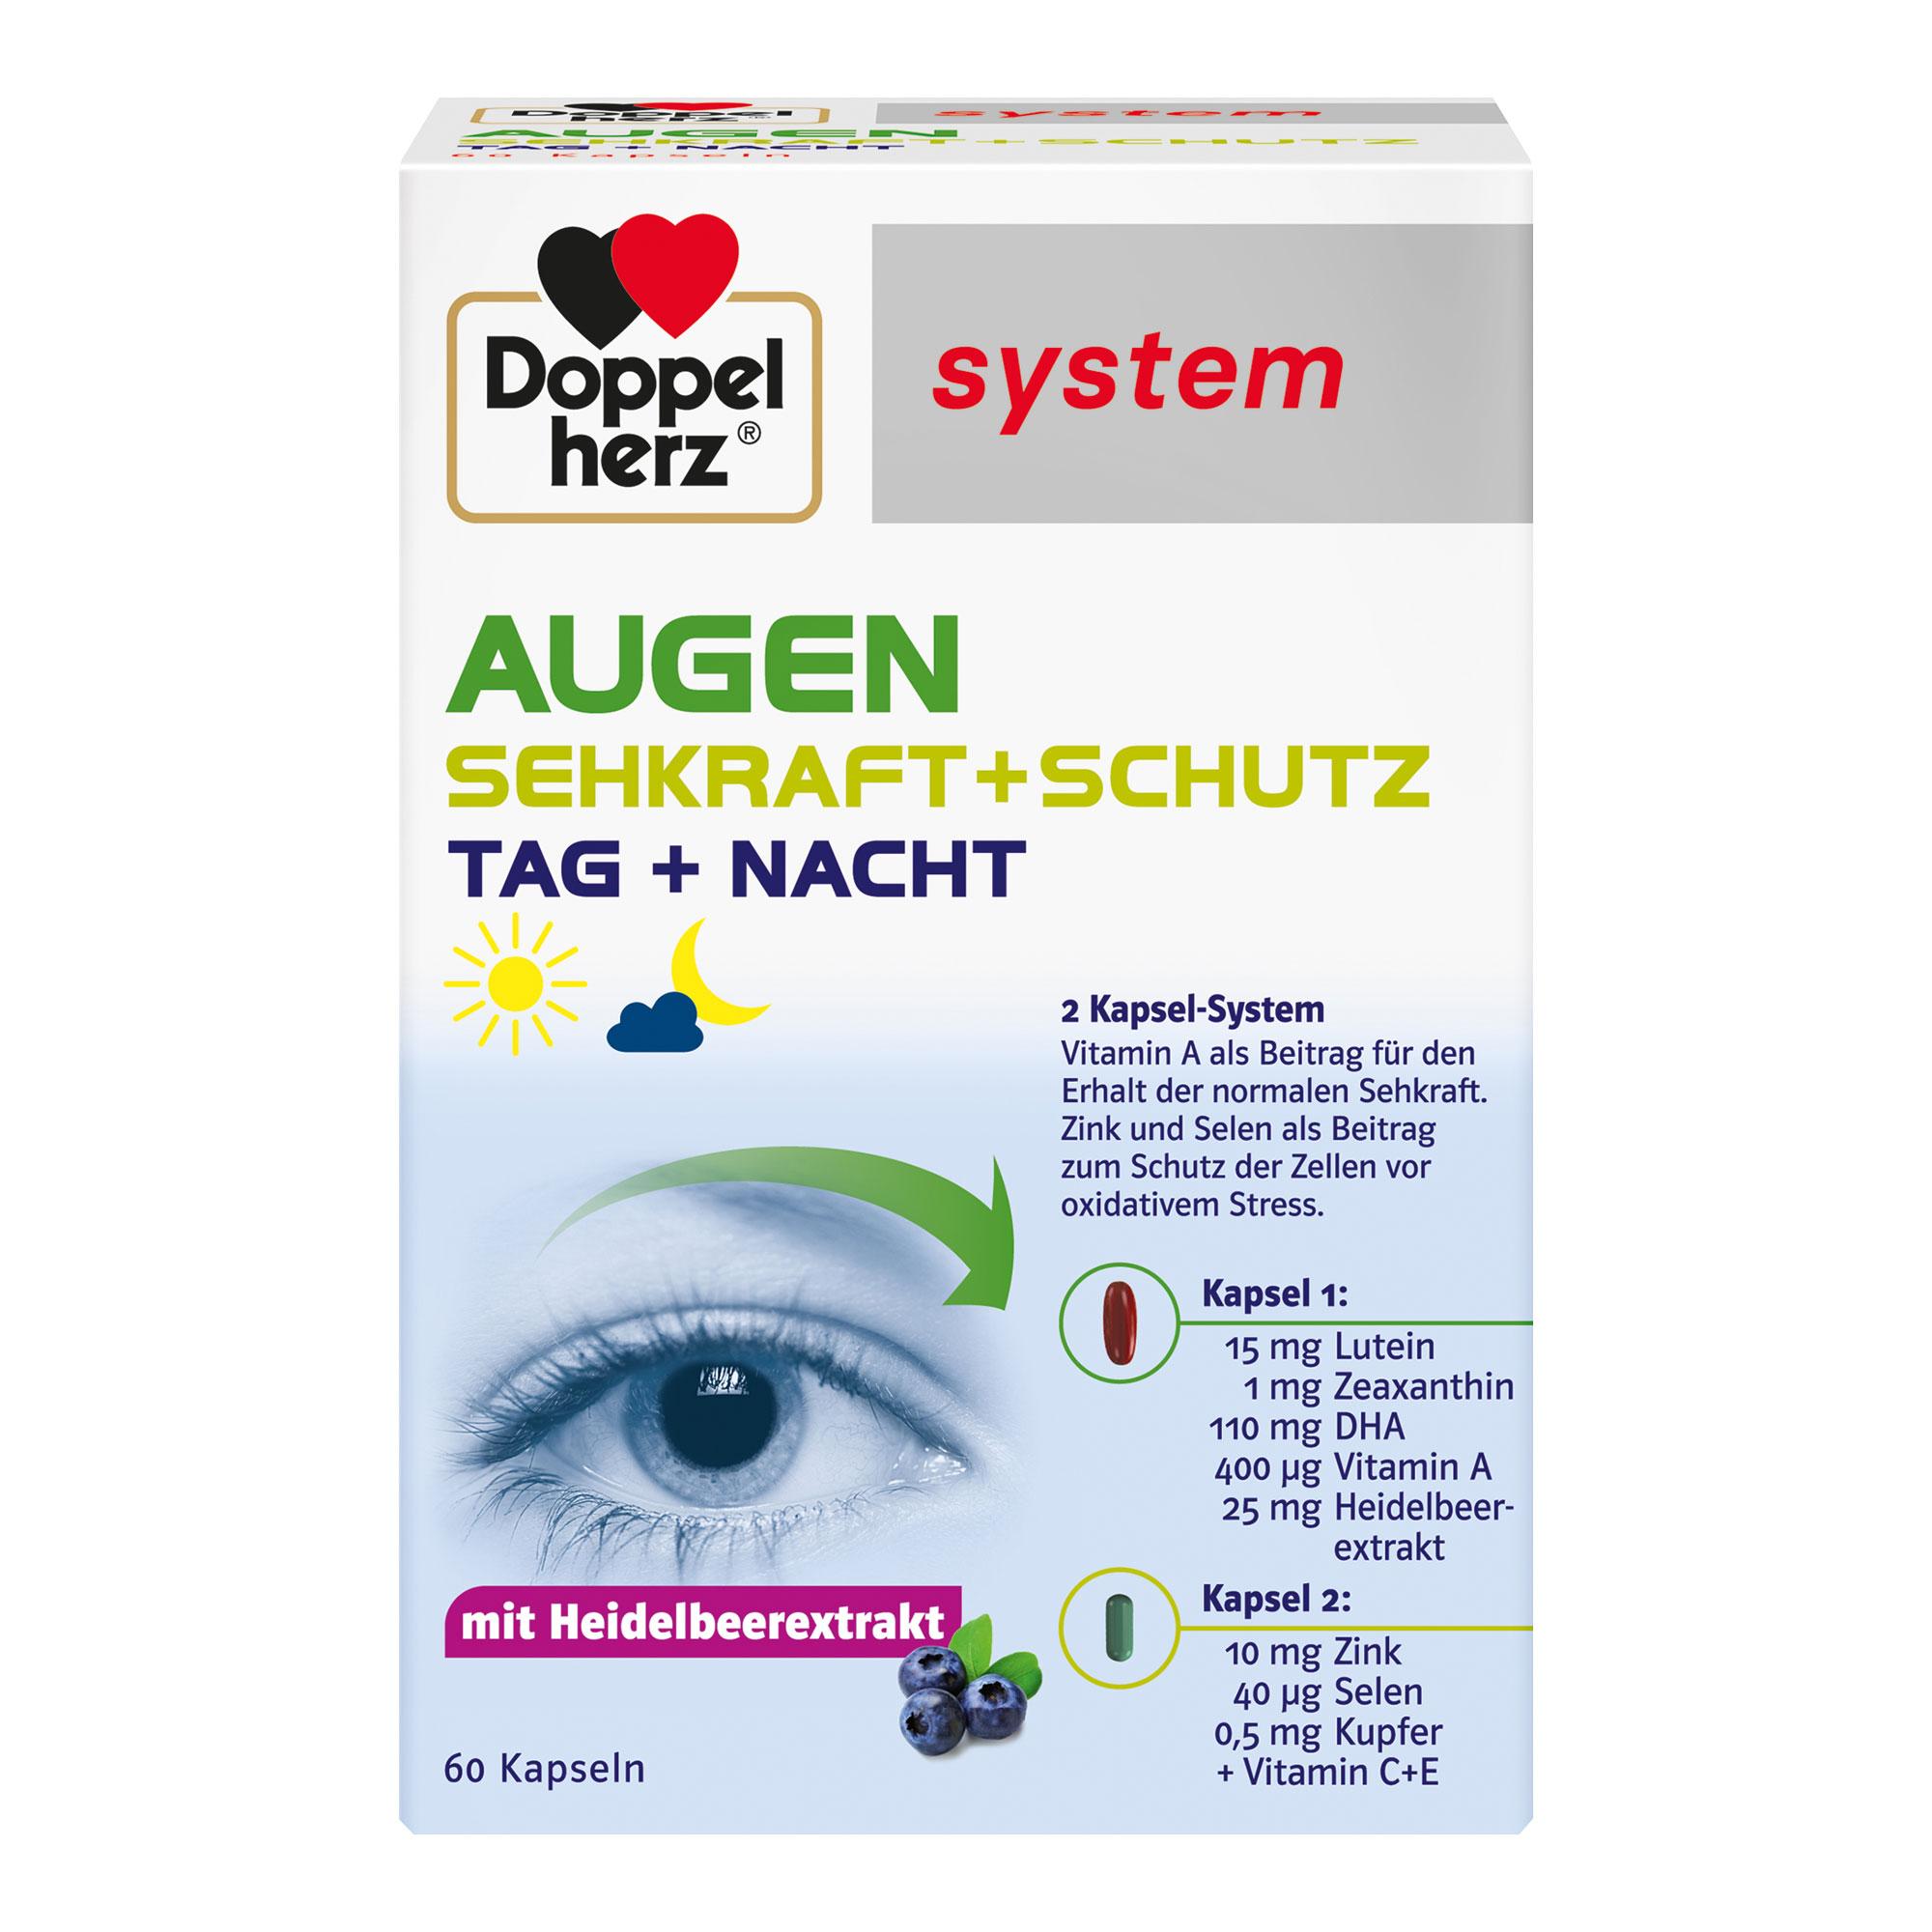 Doppelherz Augen system